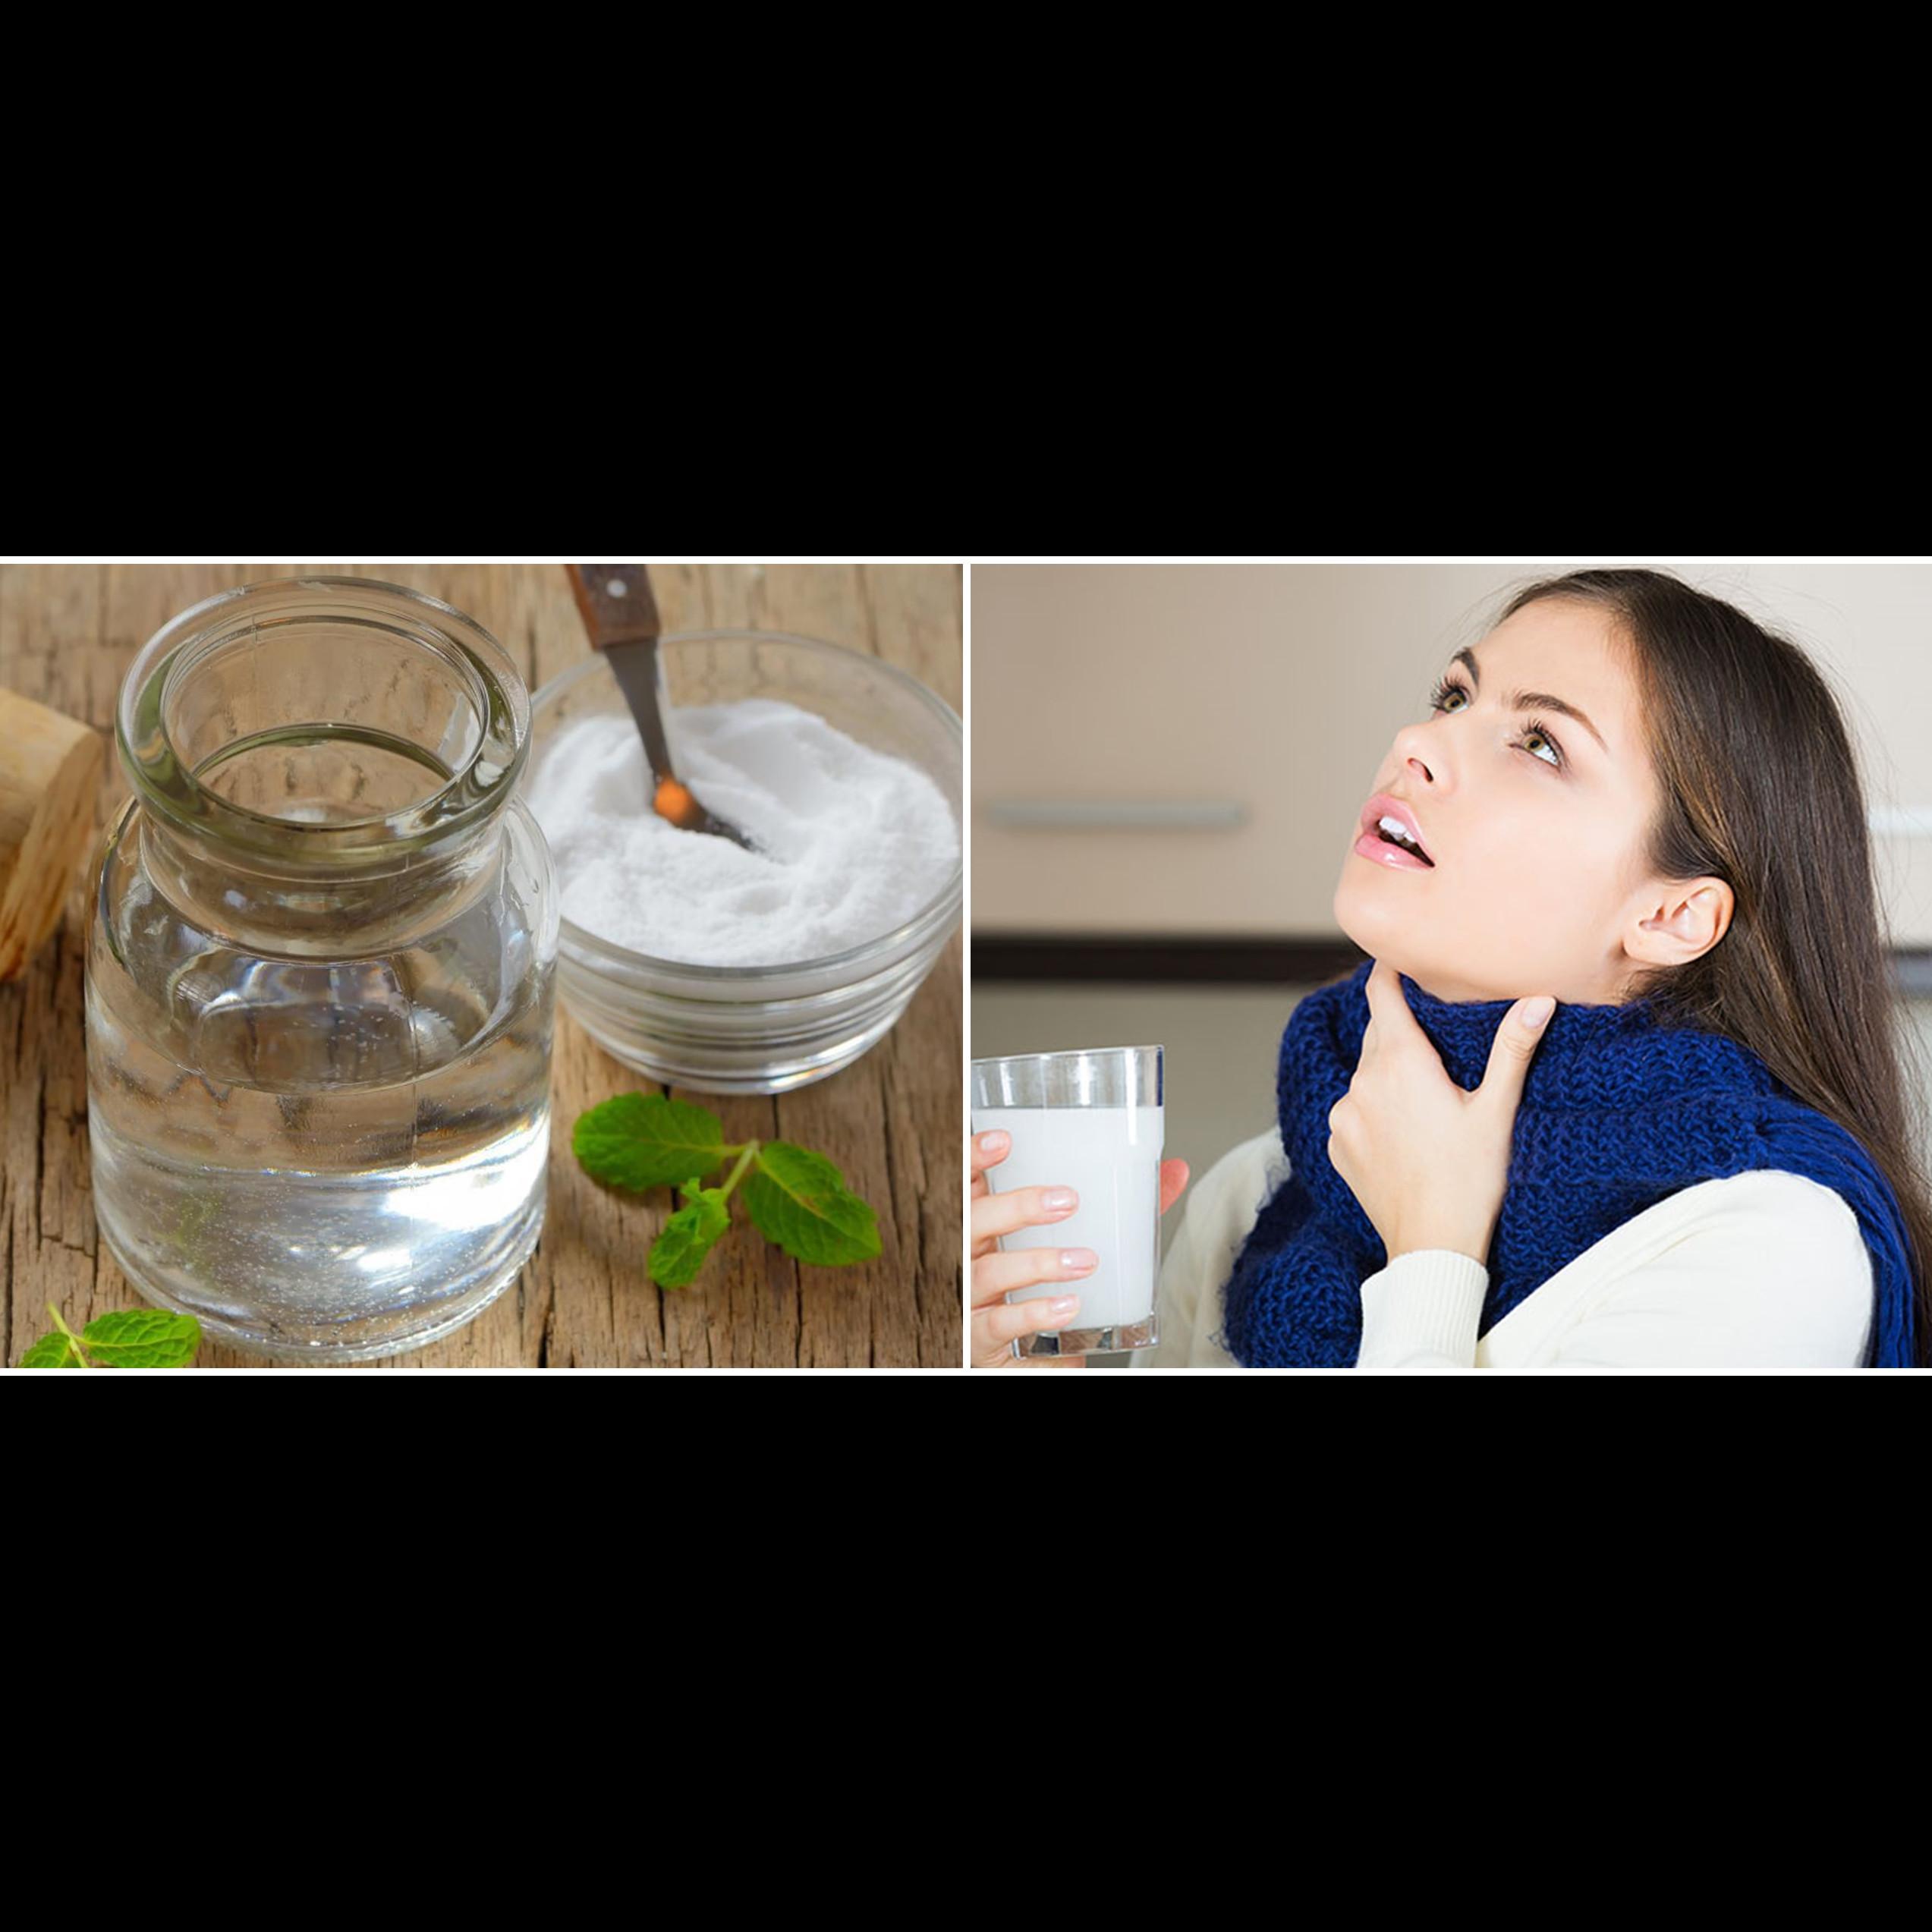 5 Manfaat berkumur dengan air garam, bisa mengatasi sinus